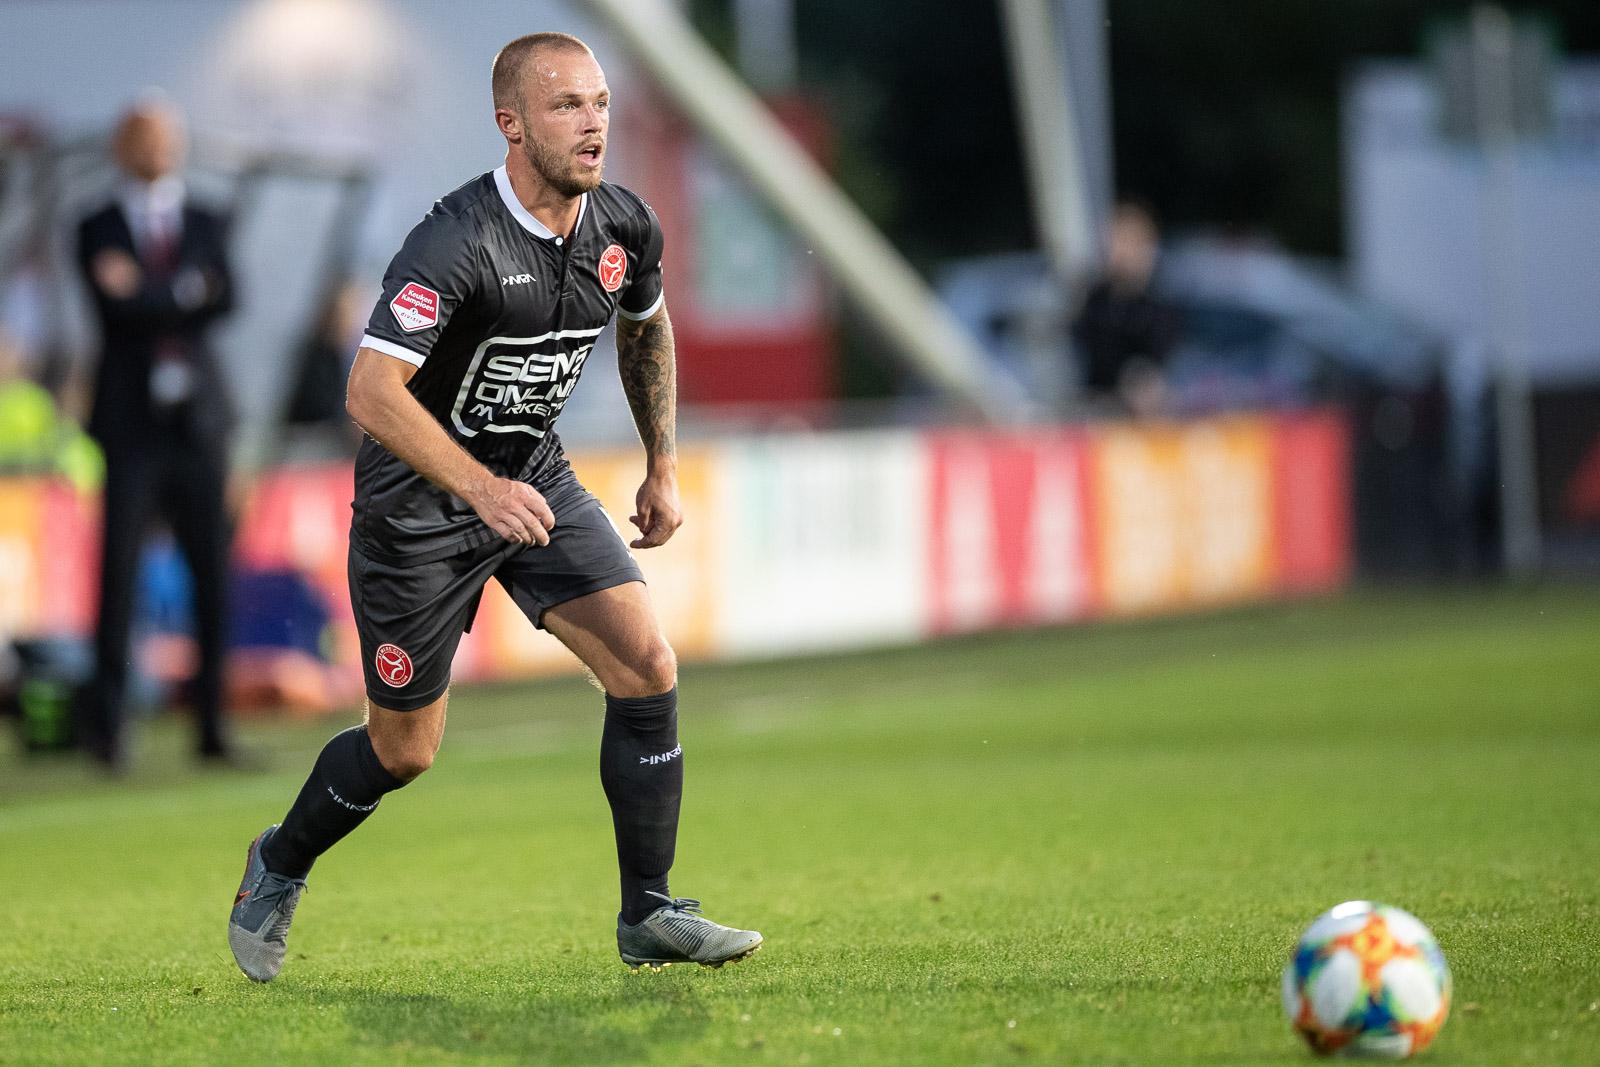 Steun Almere City FC op bezoek bij Excelsior